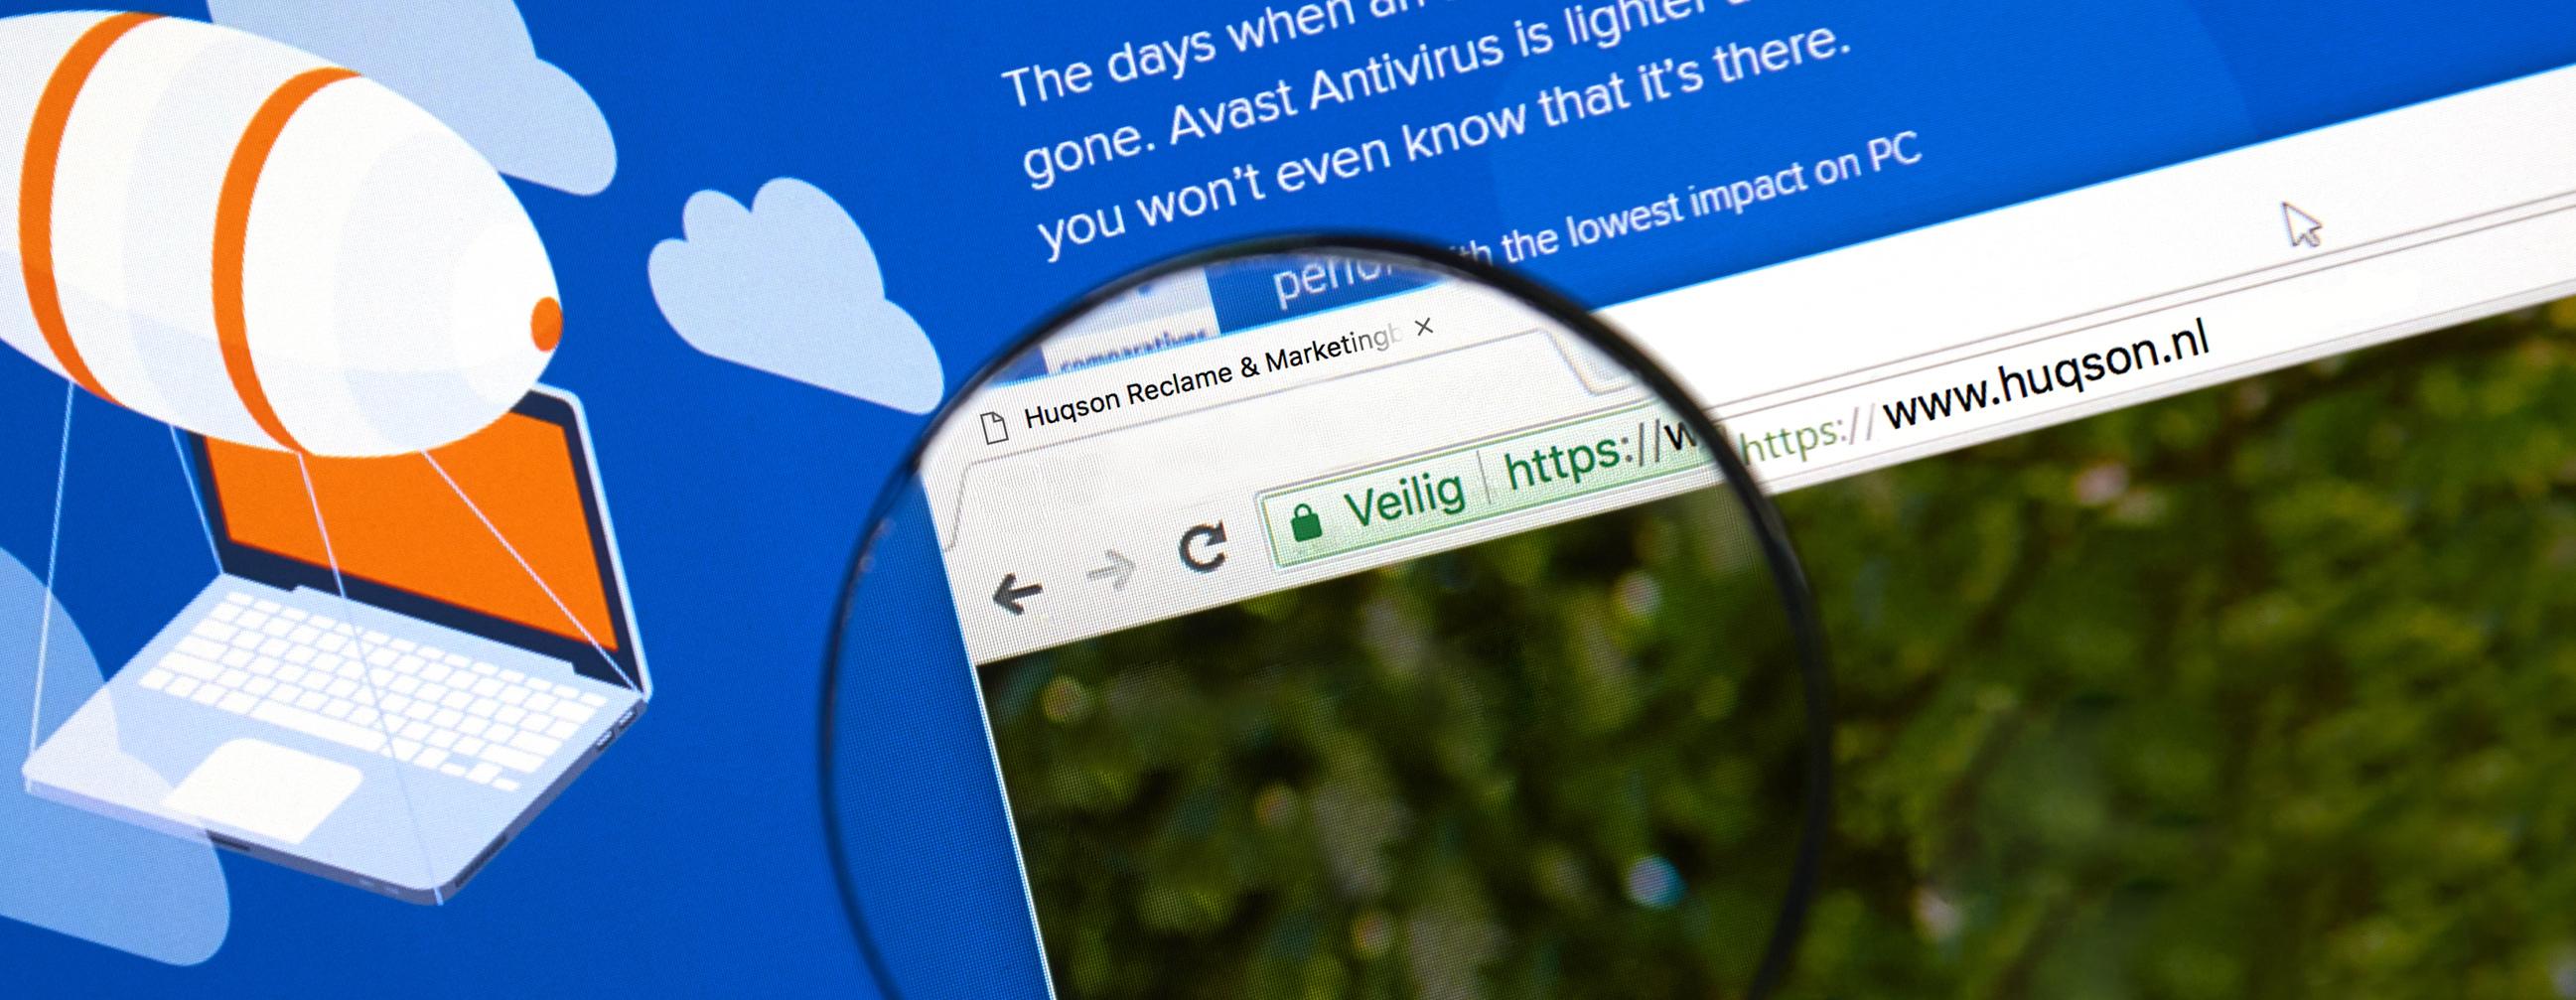 De privacywet AVG komt eraan. Is uw website er klaar voor?